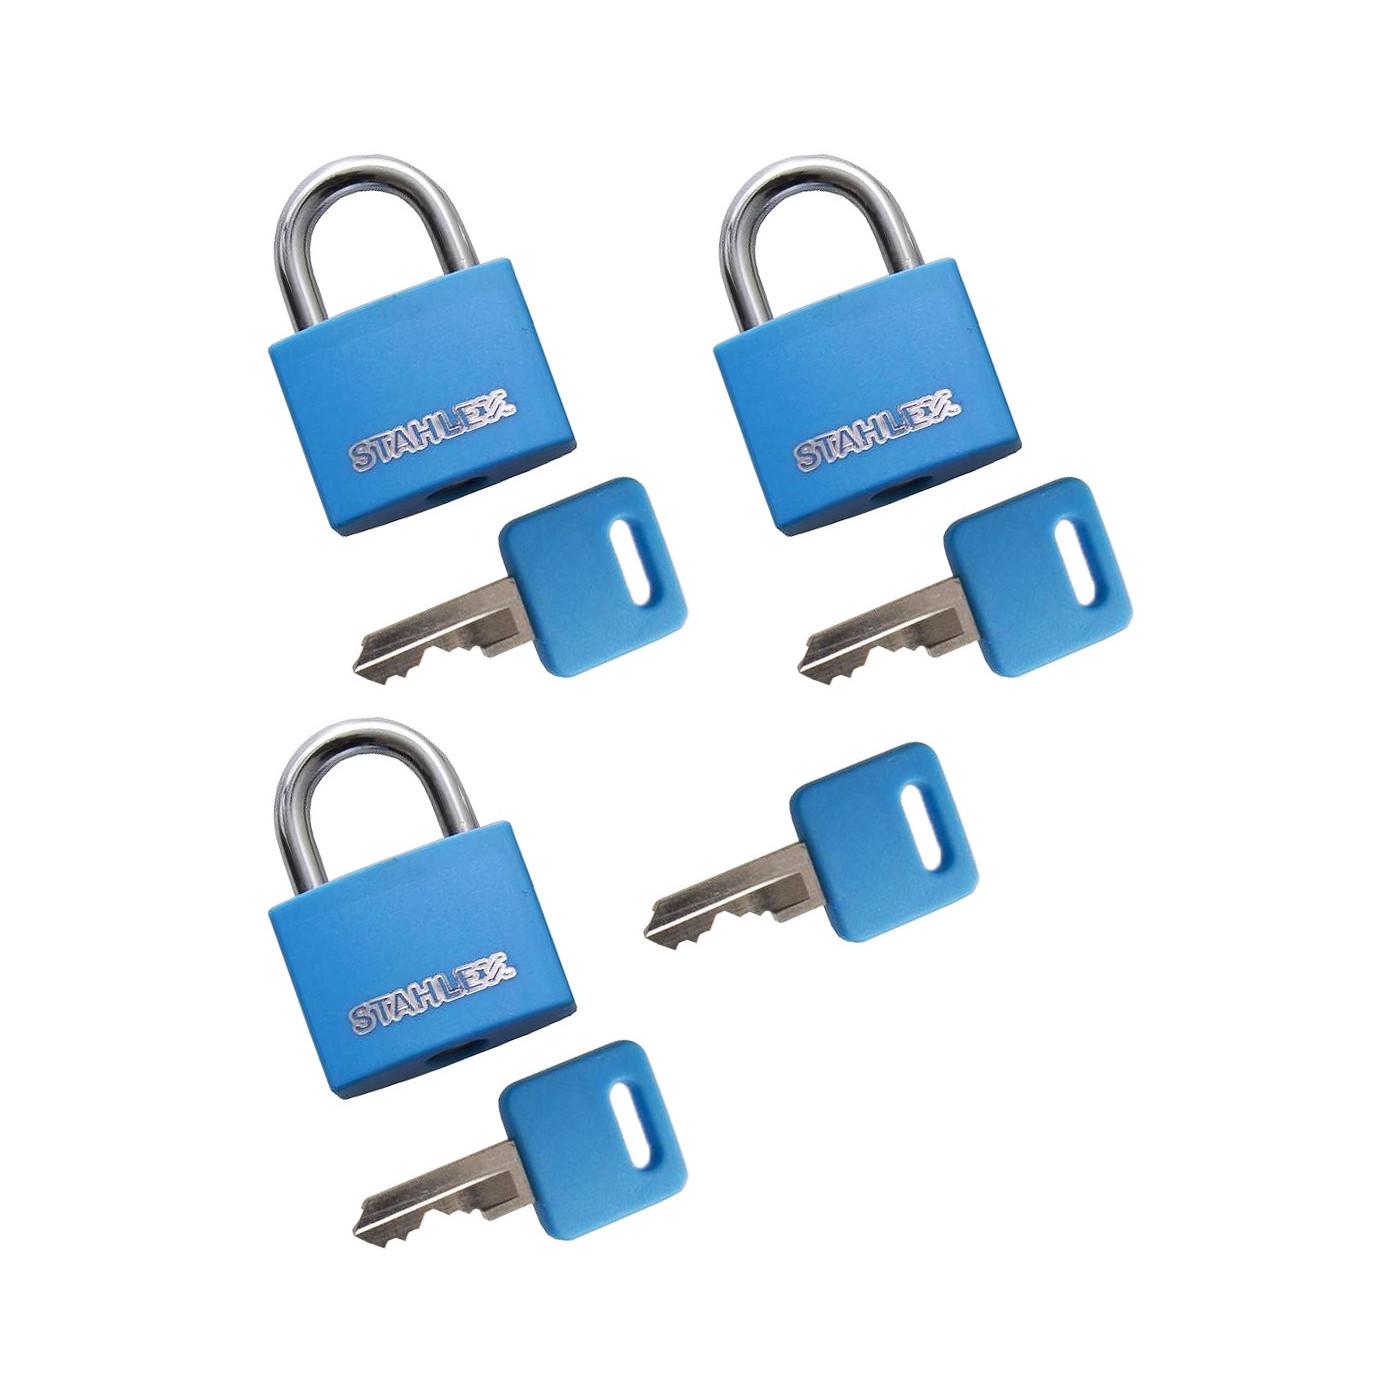 Set von 3 Vorhängeschlössern (20 mm, blau, mit 4 Schlüsseln)  - 1